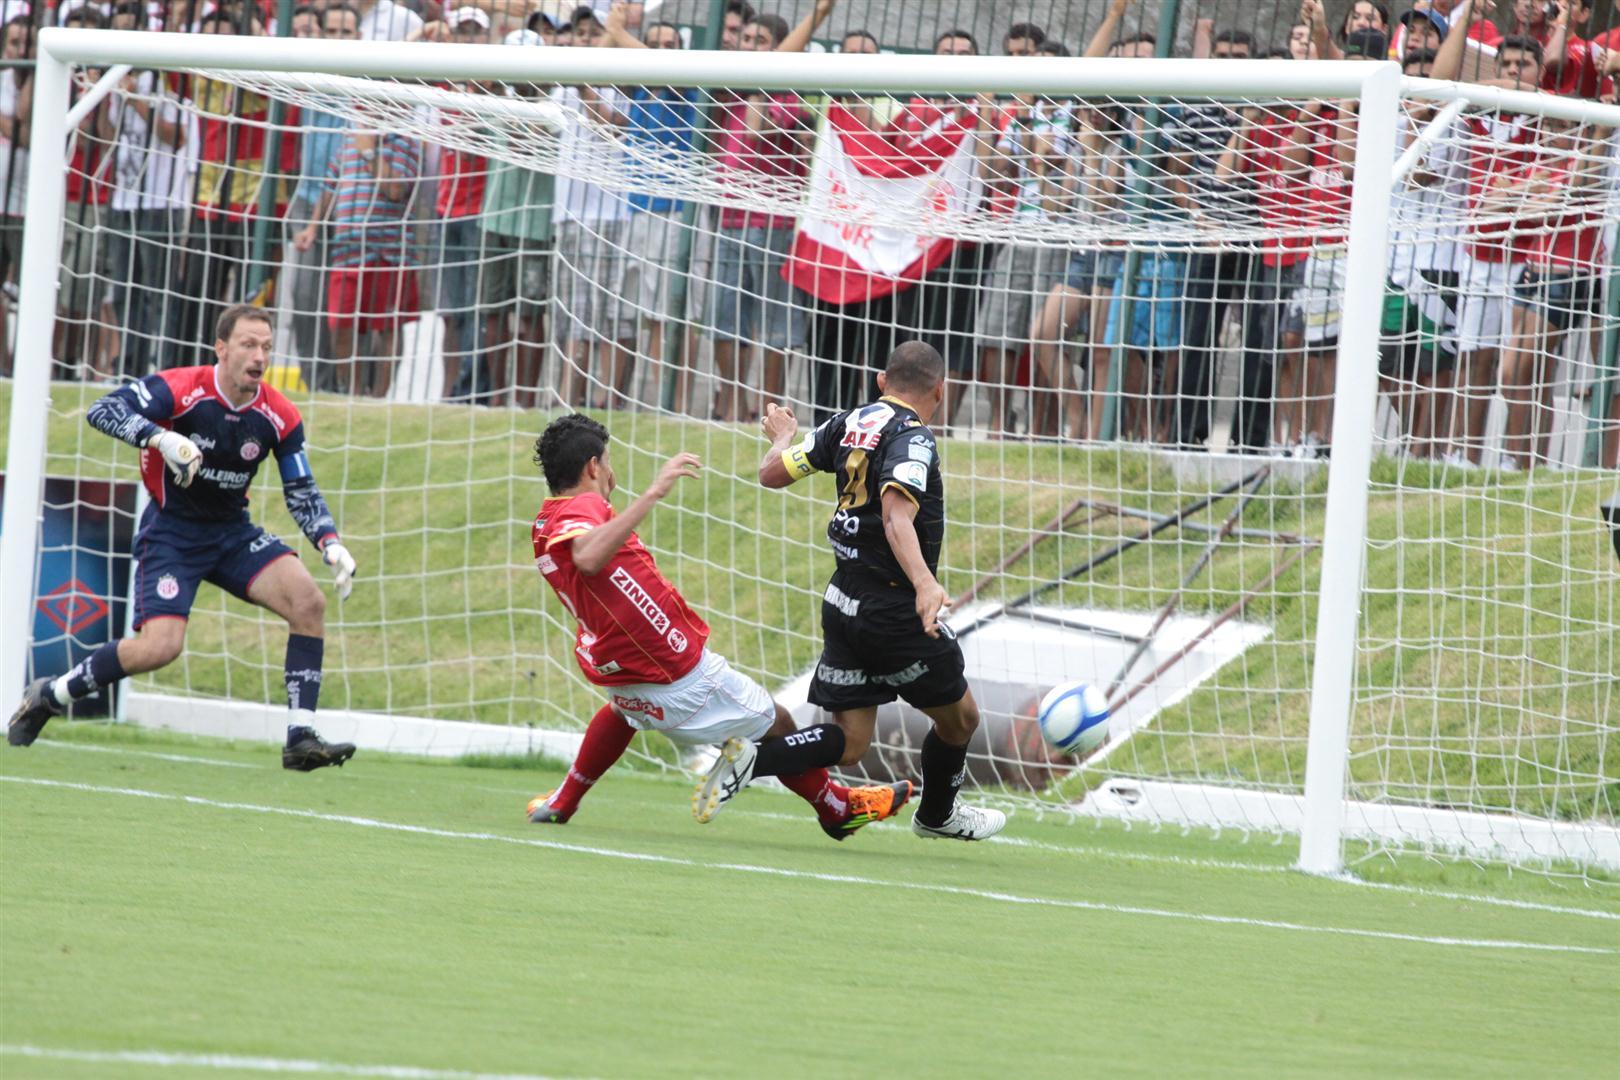 Washington marcou o gol da vitória abcesdista